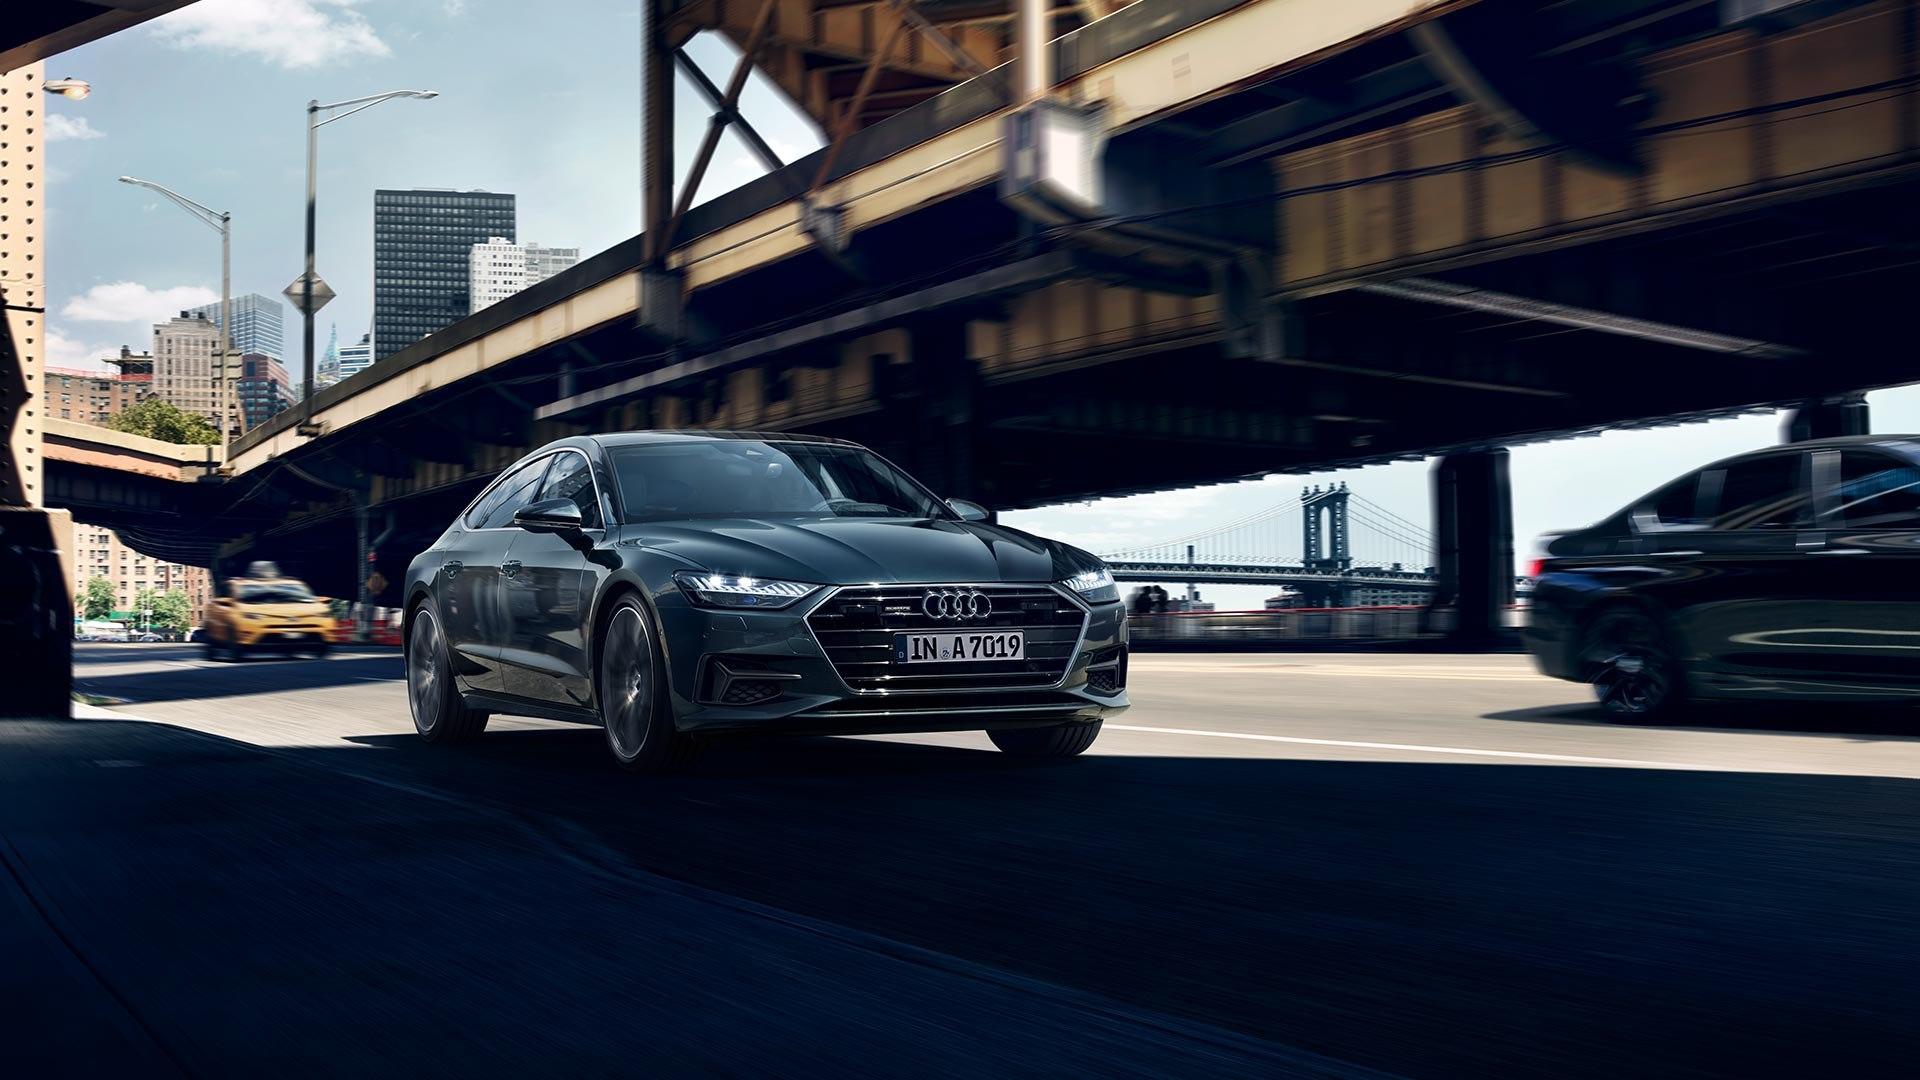 Audi A7 Voorkant 2